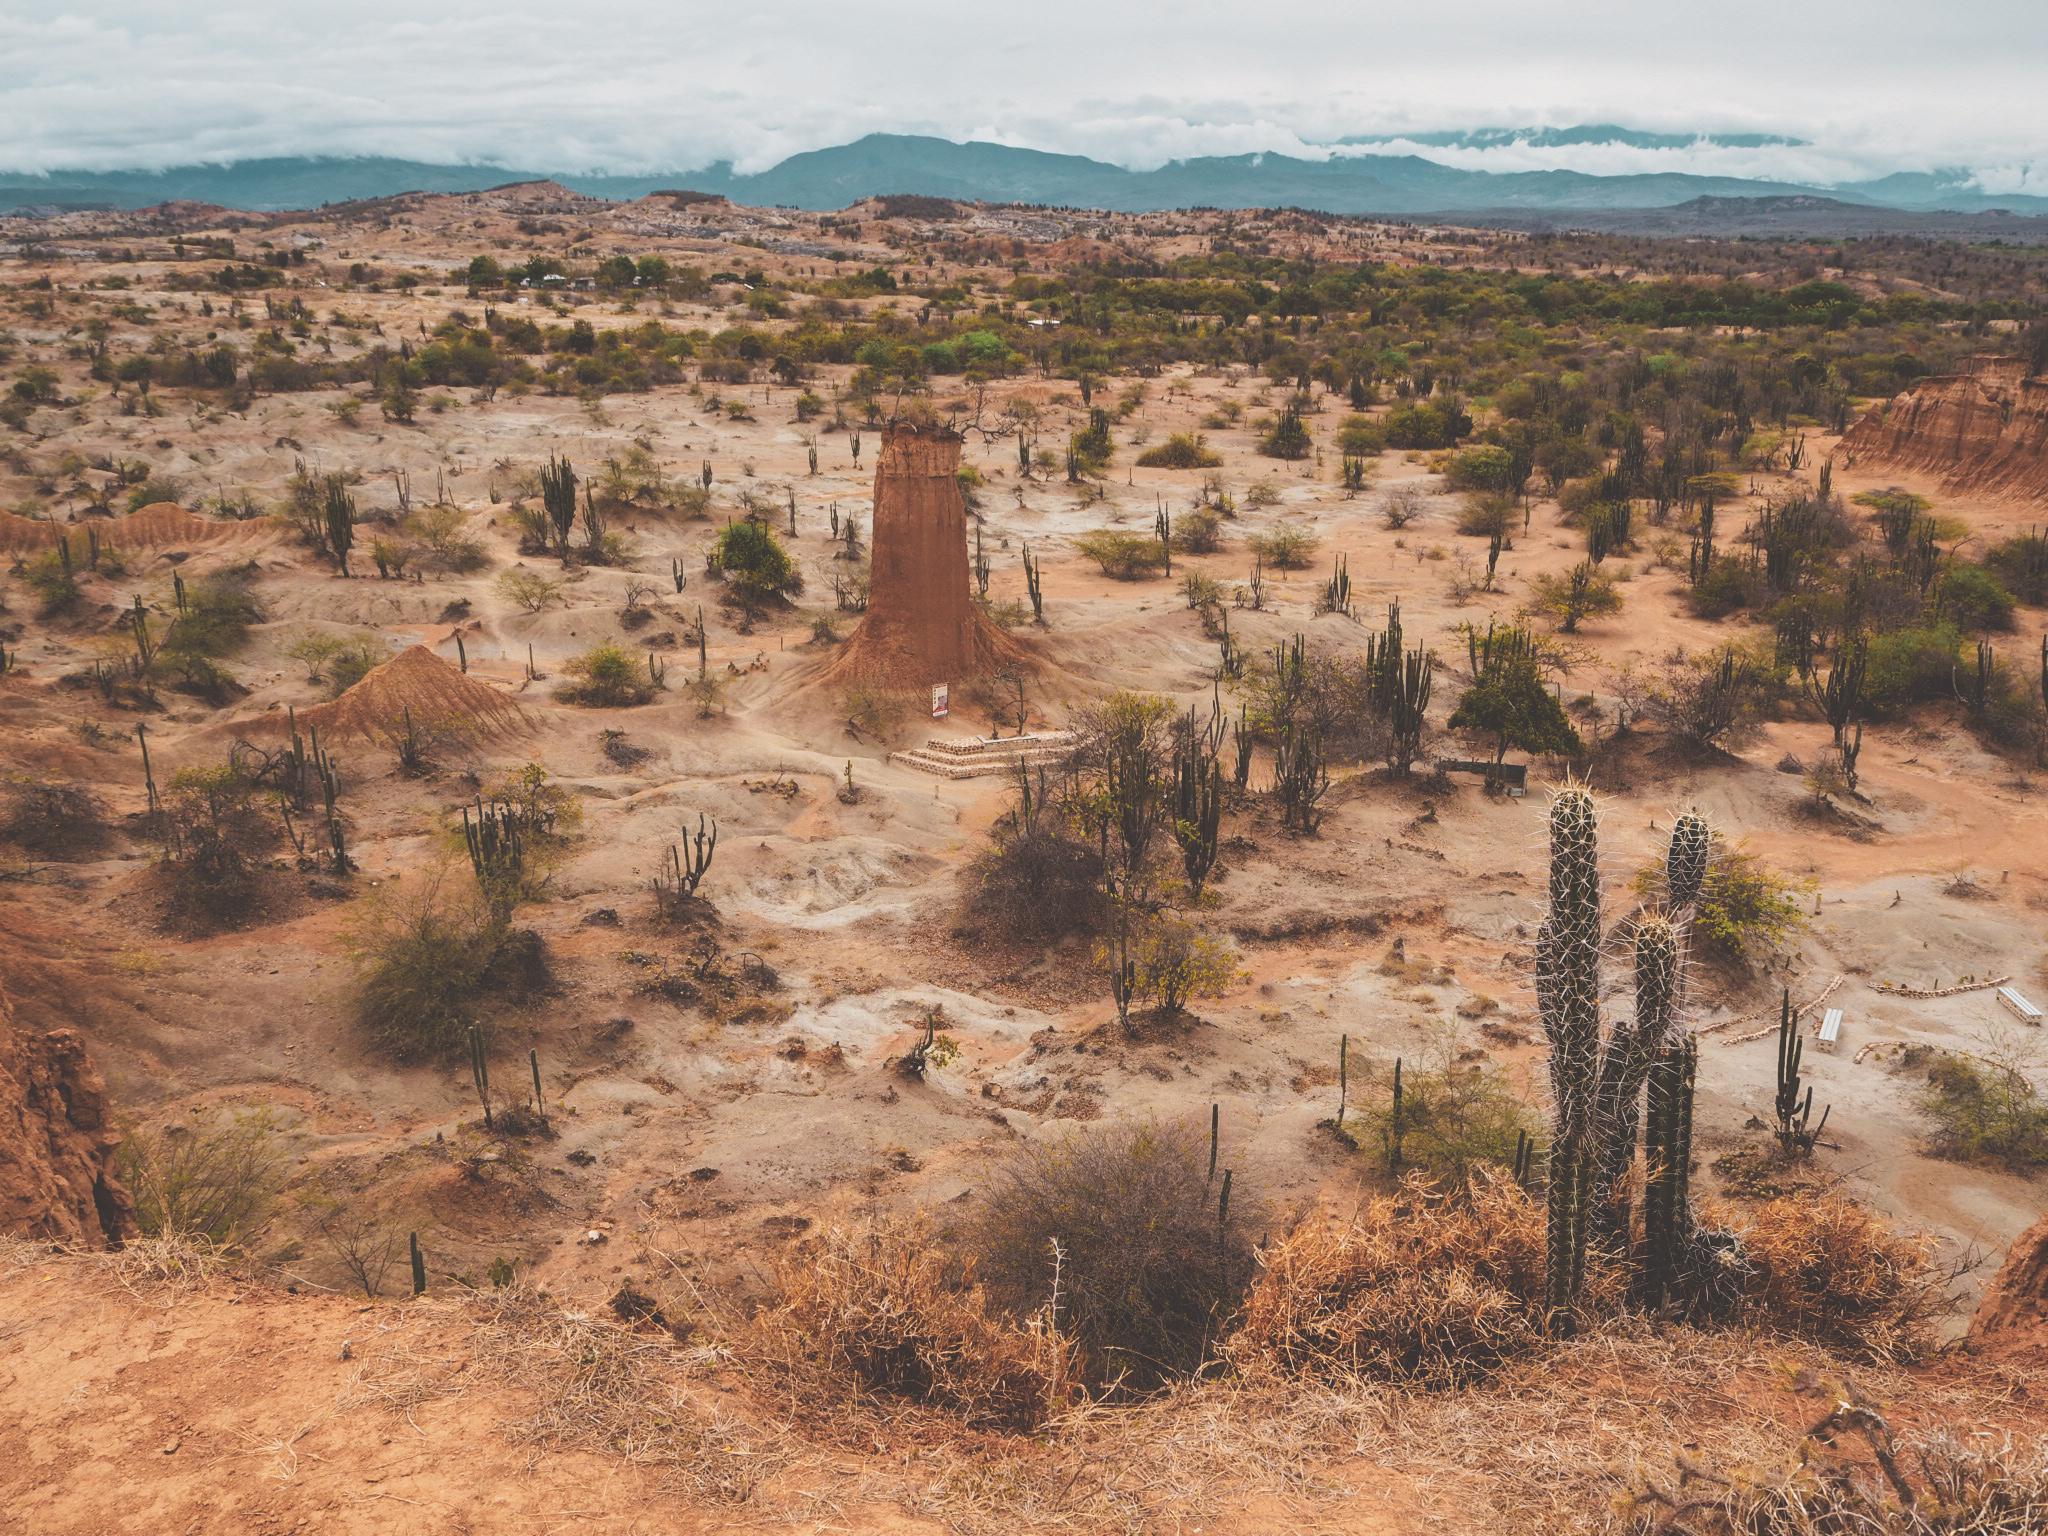 Desierto de la Tatacoa - Die Einfachheit der Wüste 3